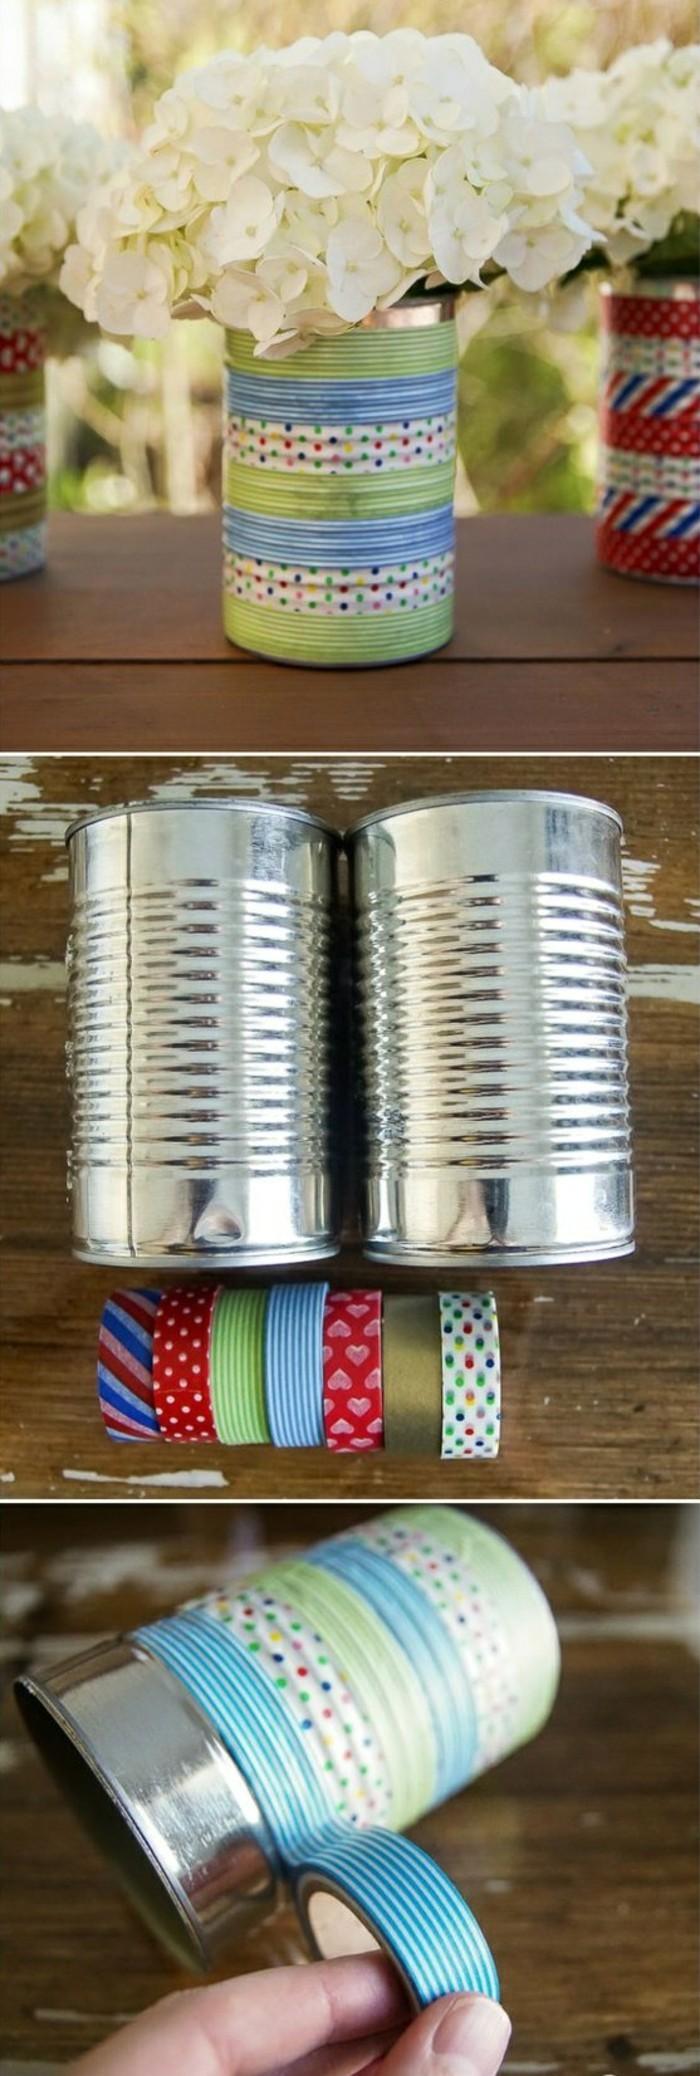 comment recycler les canettes, diy objet de déco fait avec boîte conserve et washi tape, modèle vase personnalisé